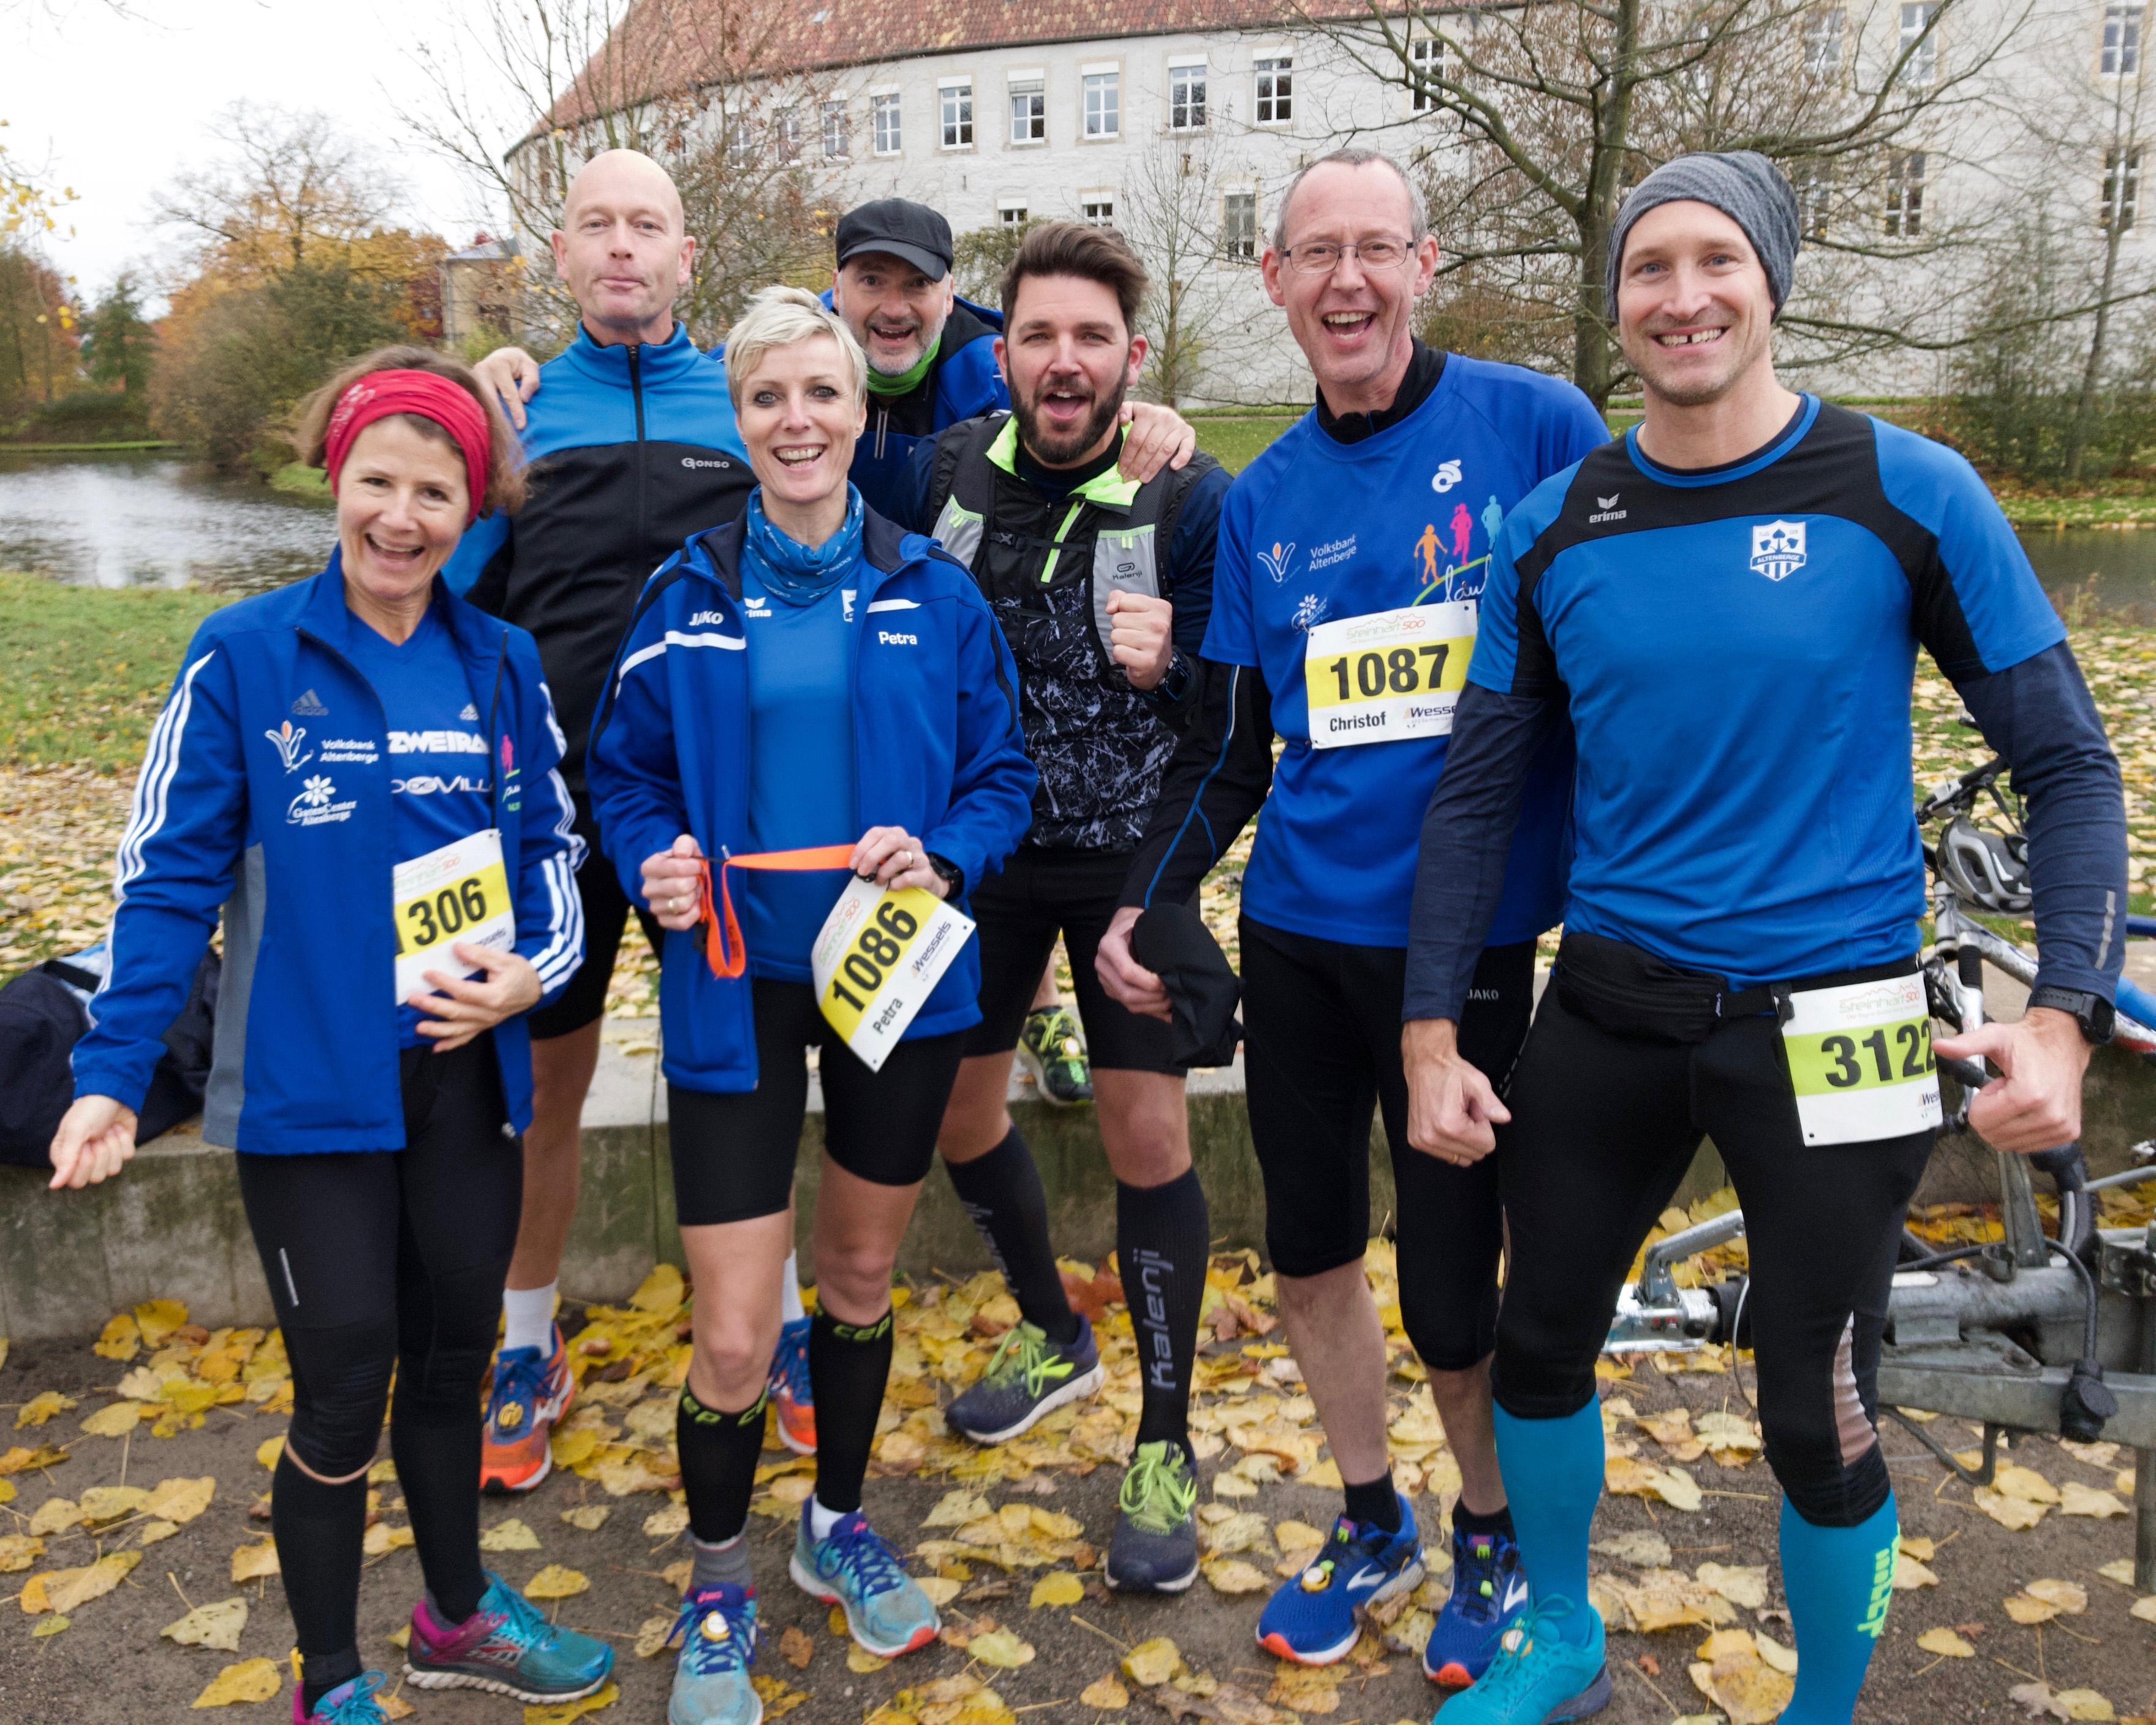 Steinhart 500 - Der Bagno-Buchenberg Marathon, 2. AK-Platz für Petra Gehltomholt über 14 km